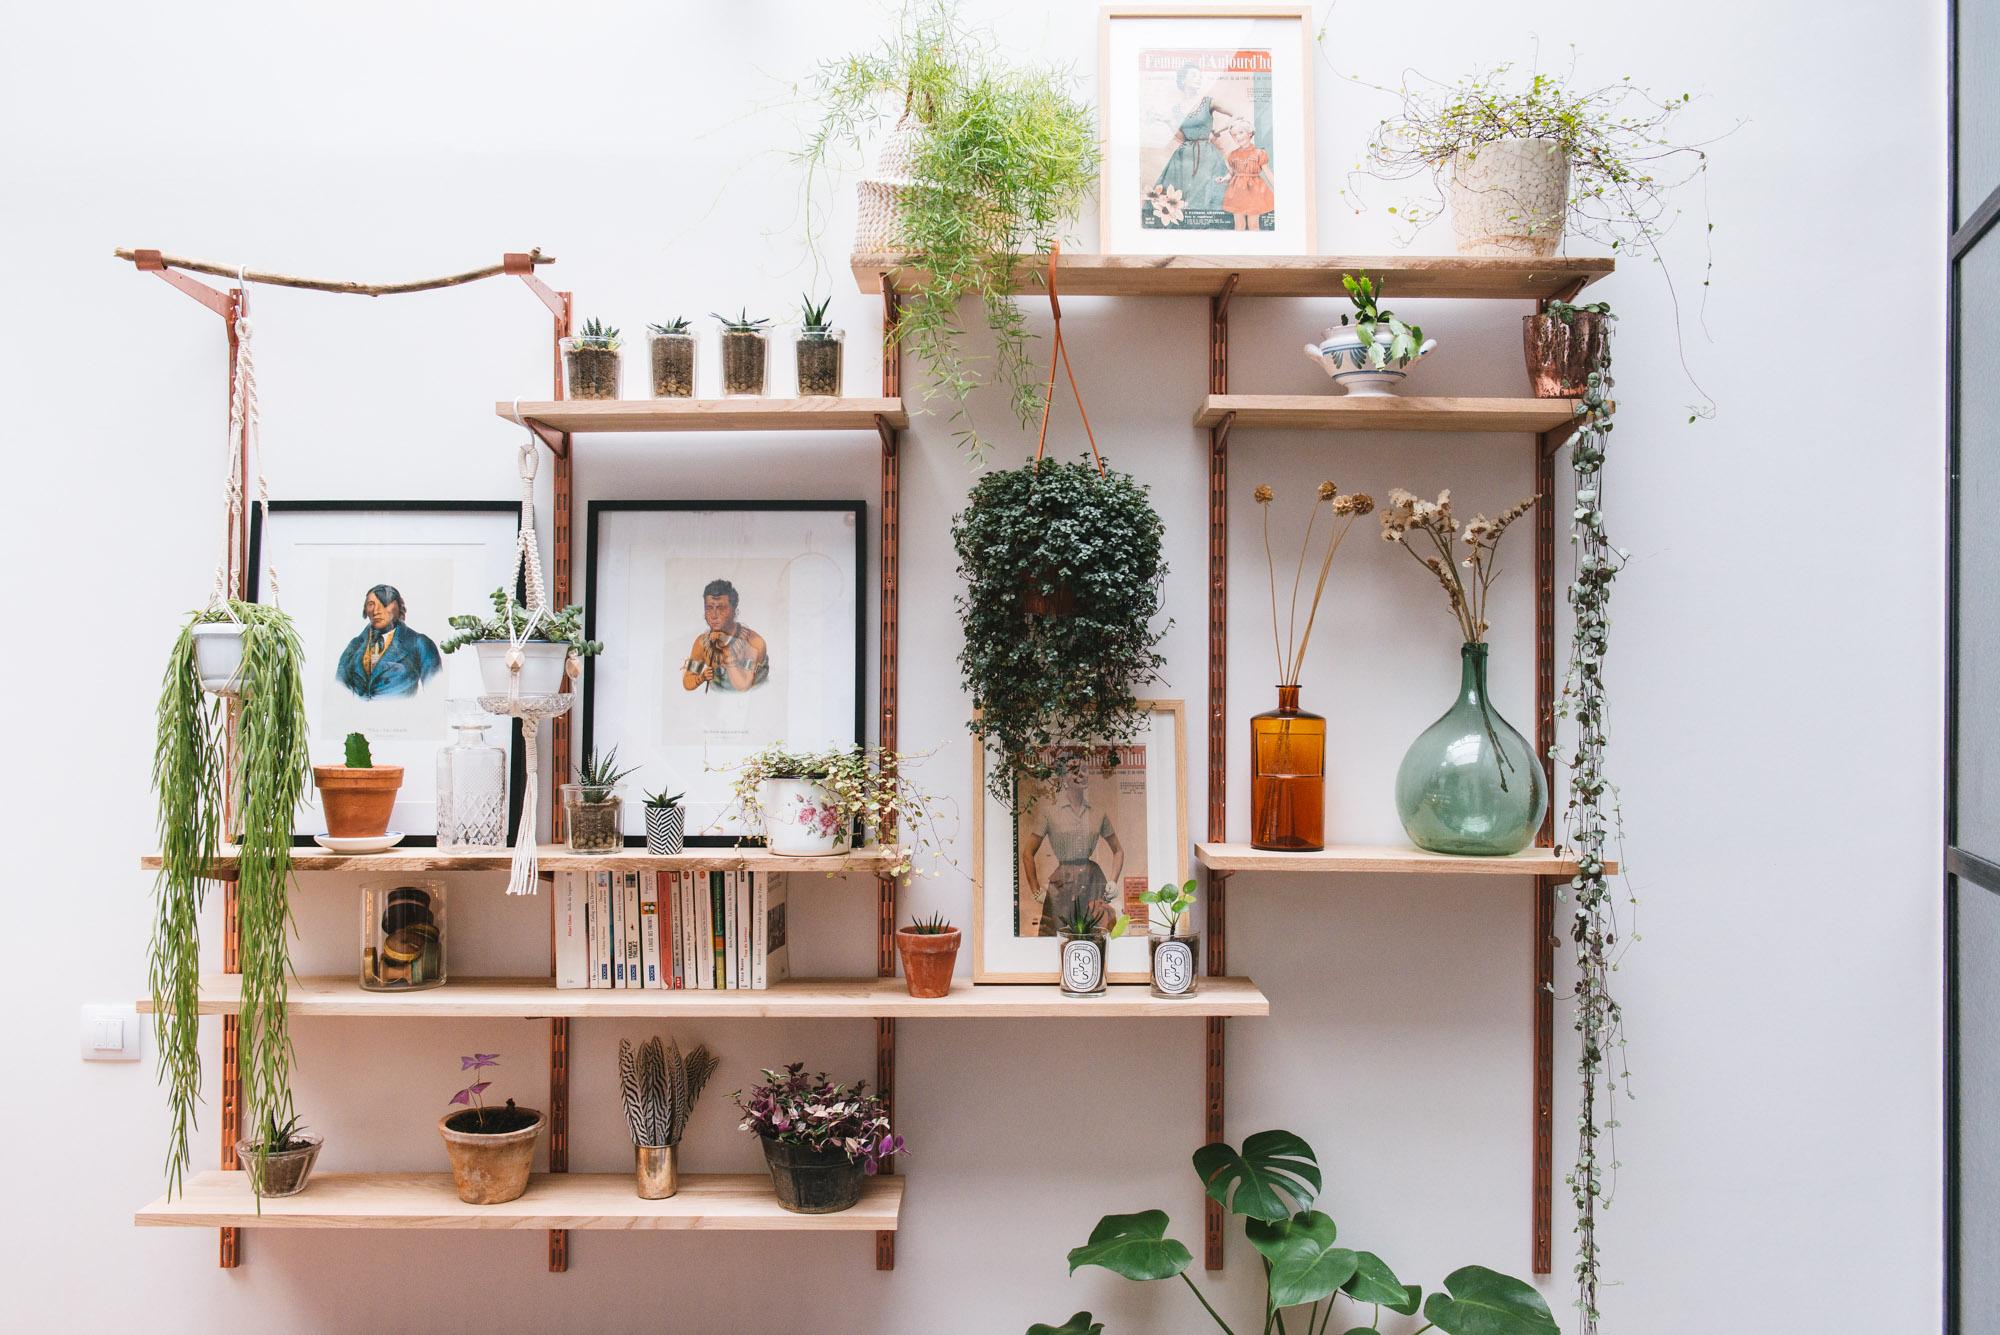 étagère végétale végétalisation décoration végétale